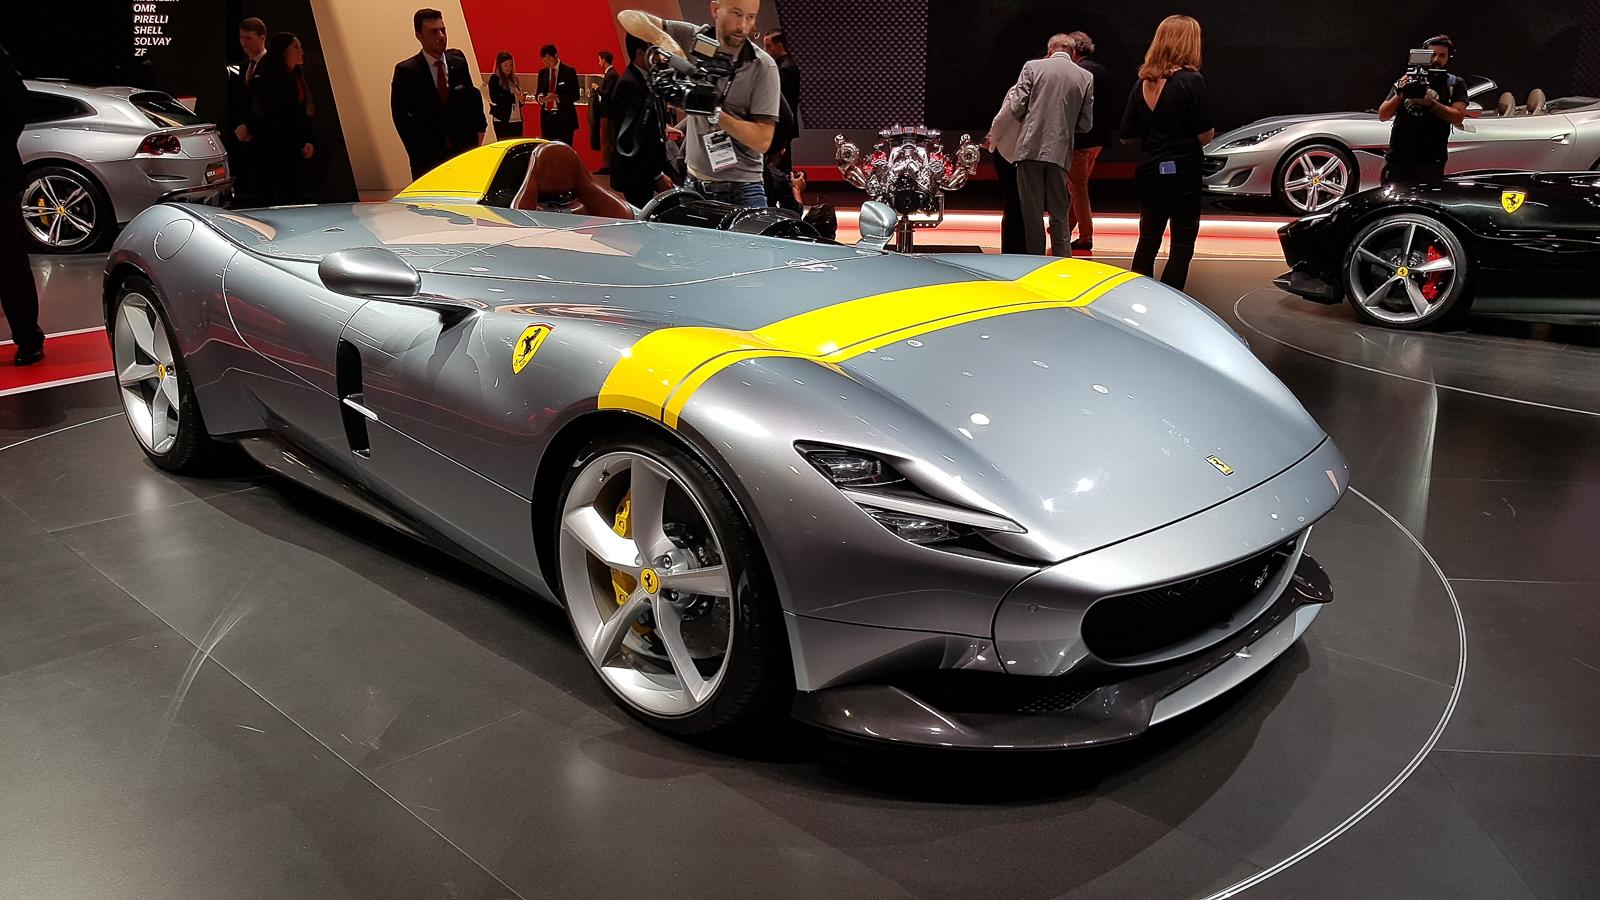 Ferrari презентовала в Париже два невероятно крутых суперкара 1